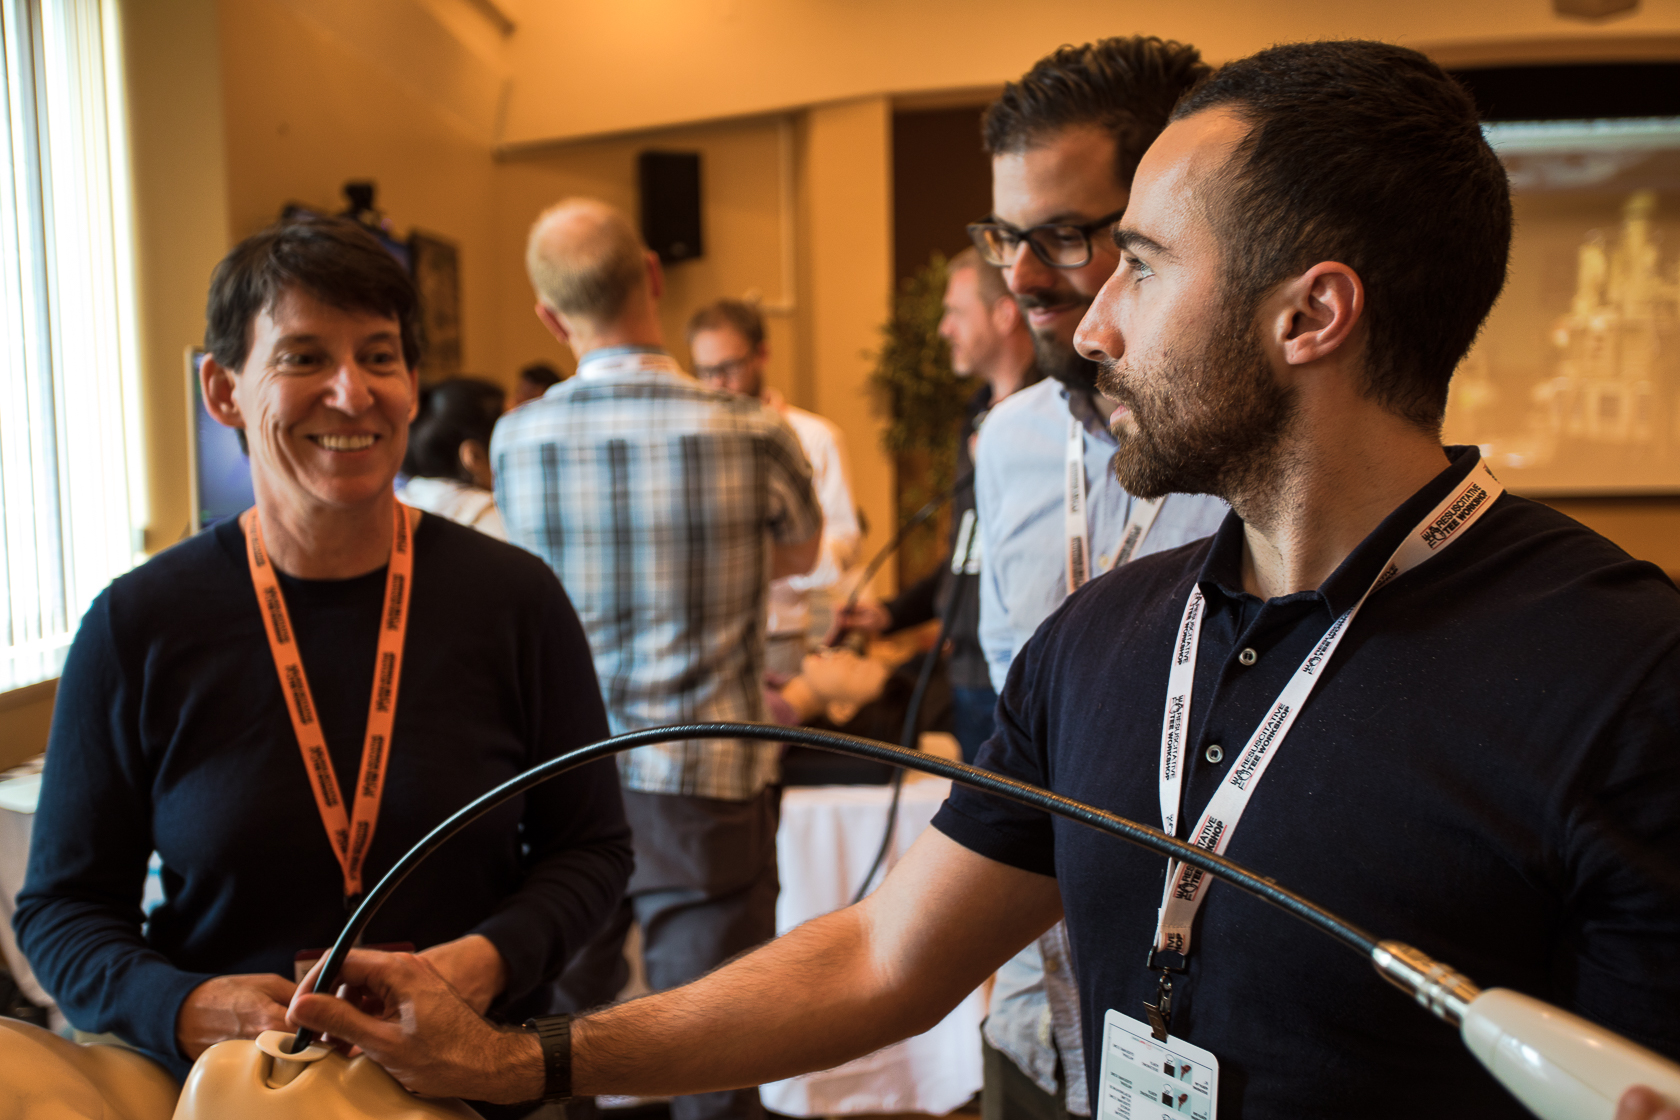 Resus_TEE_Workshop_Montreal_2019-36.jpg